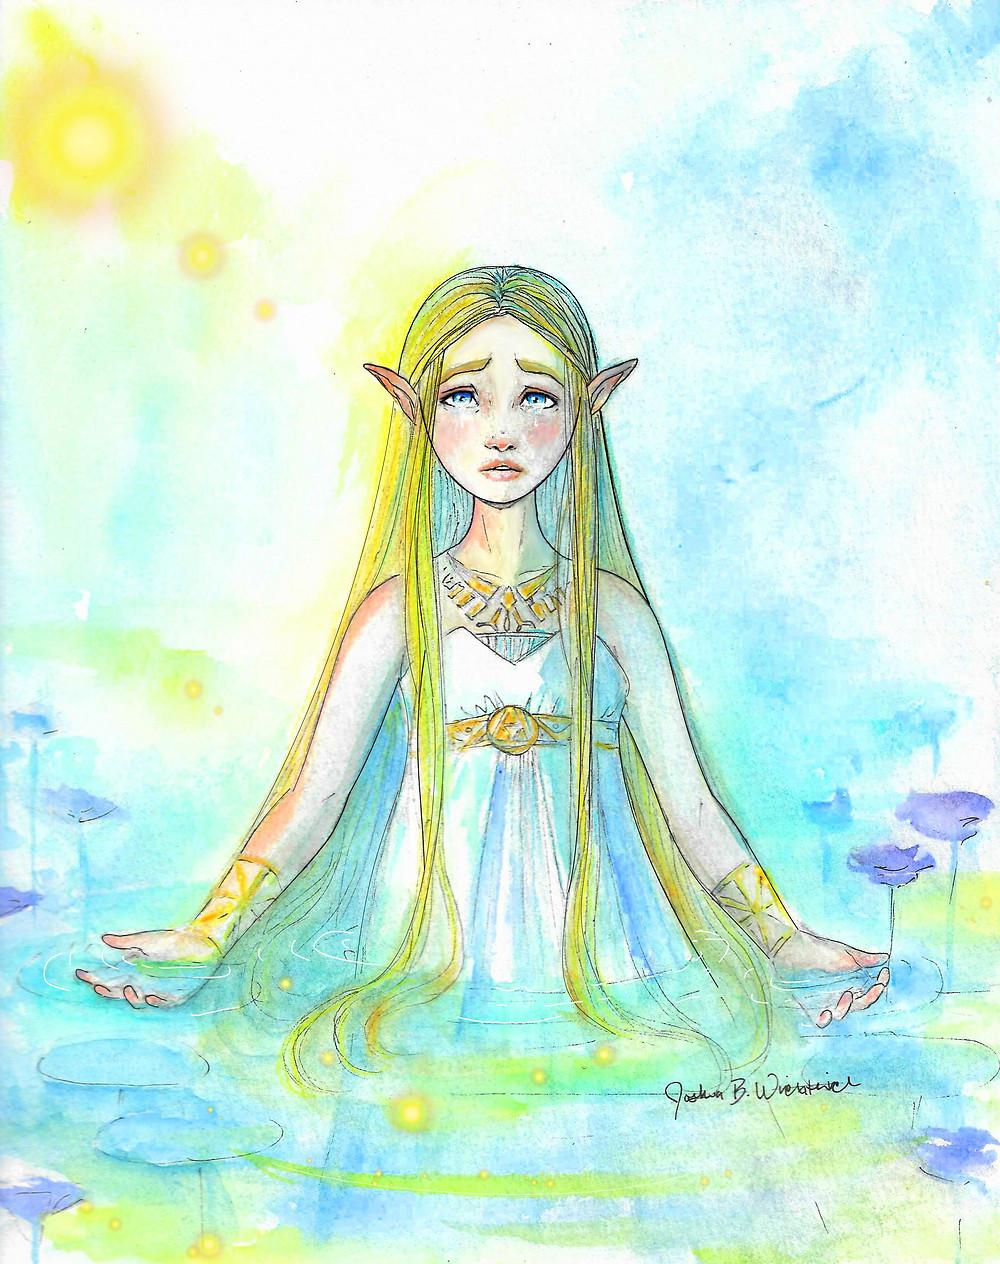 Legend Of Zelda Fan Art From Breath Of The Wild